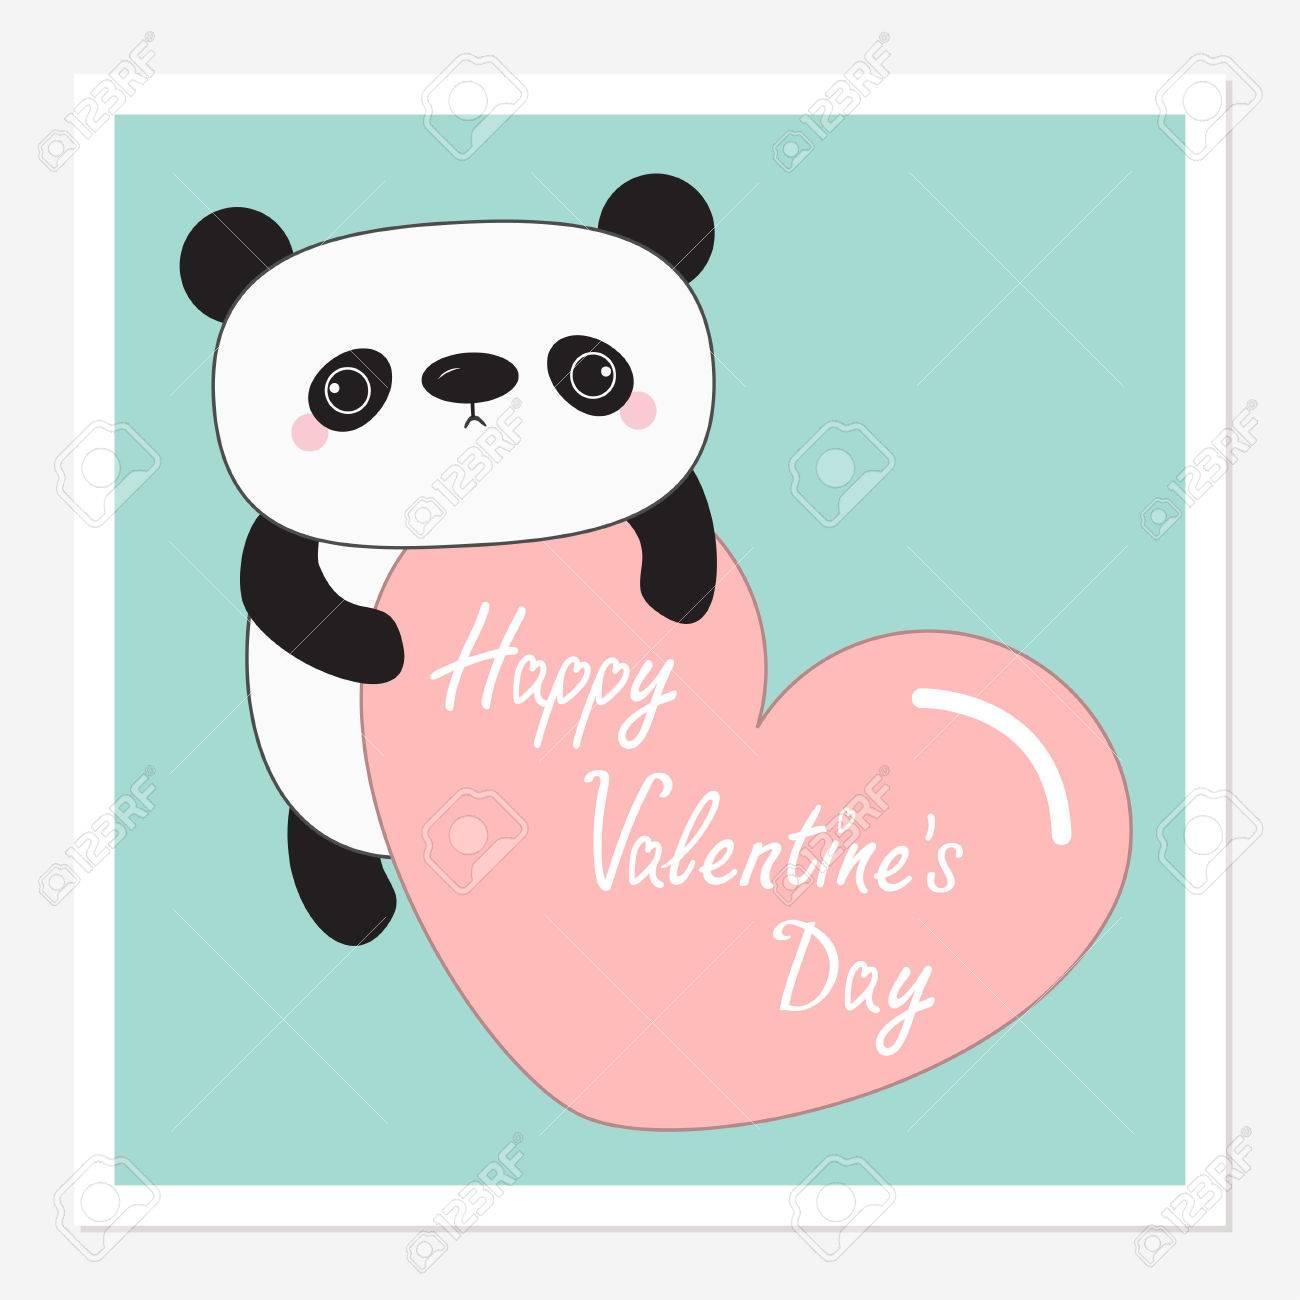 Bébé Ours Panda Joyeuse Saint Valentin Cadre Photo Instantanée Personnage De Dessin Animé Mignon Tenant Grand Coeur Rose Fond Bleu Le